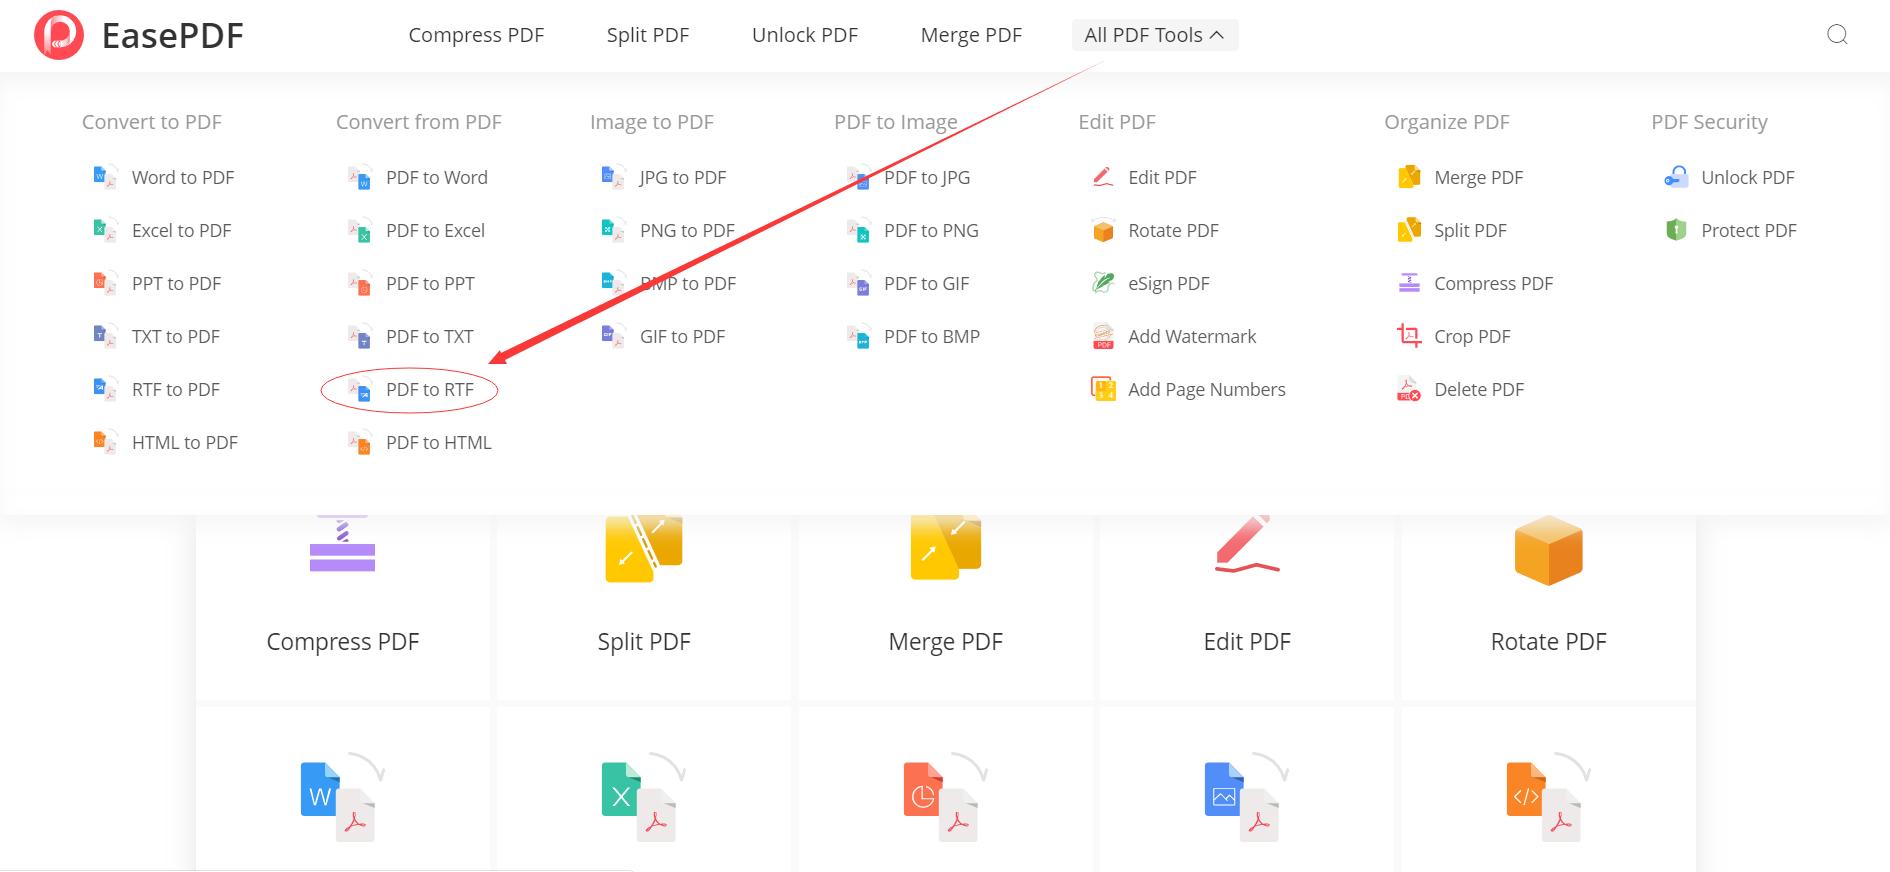 easepdf-go-to-pdf-to-rtf-converter